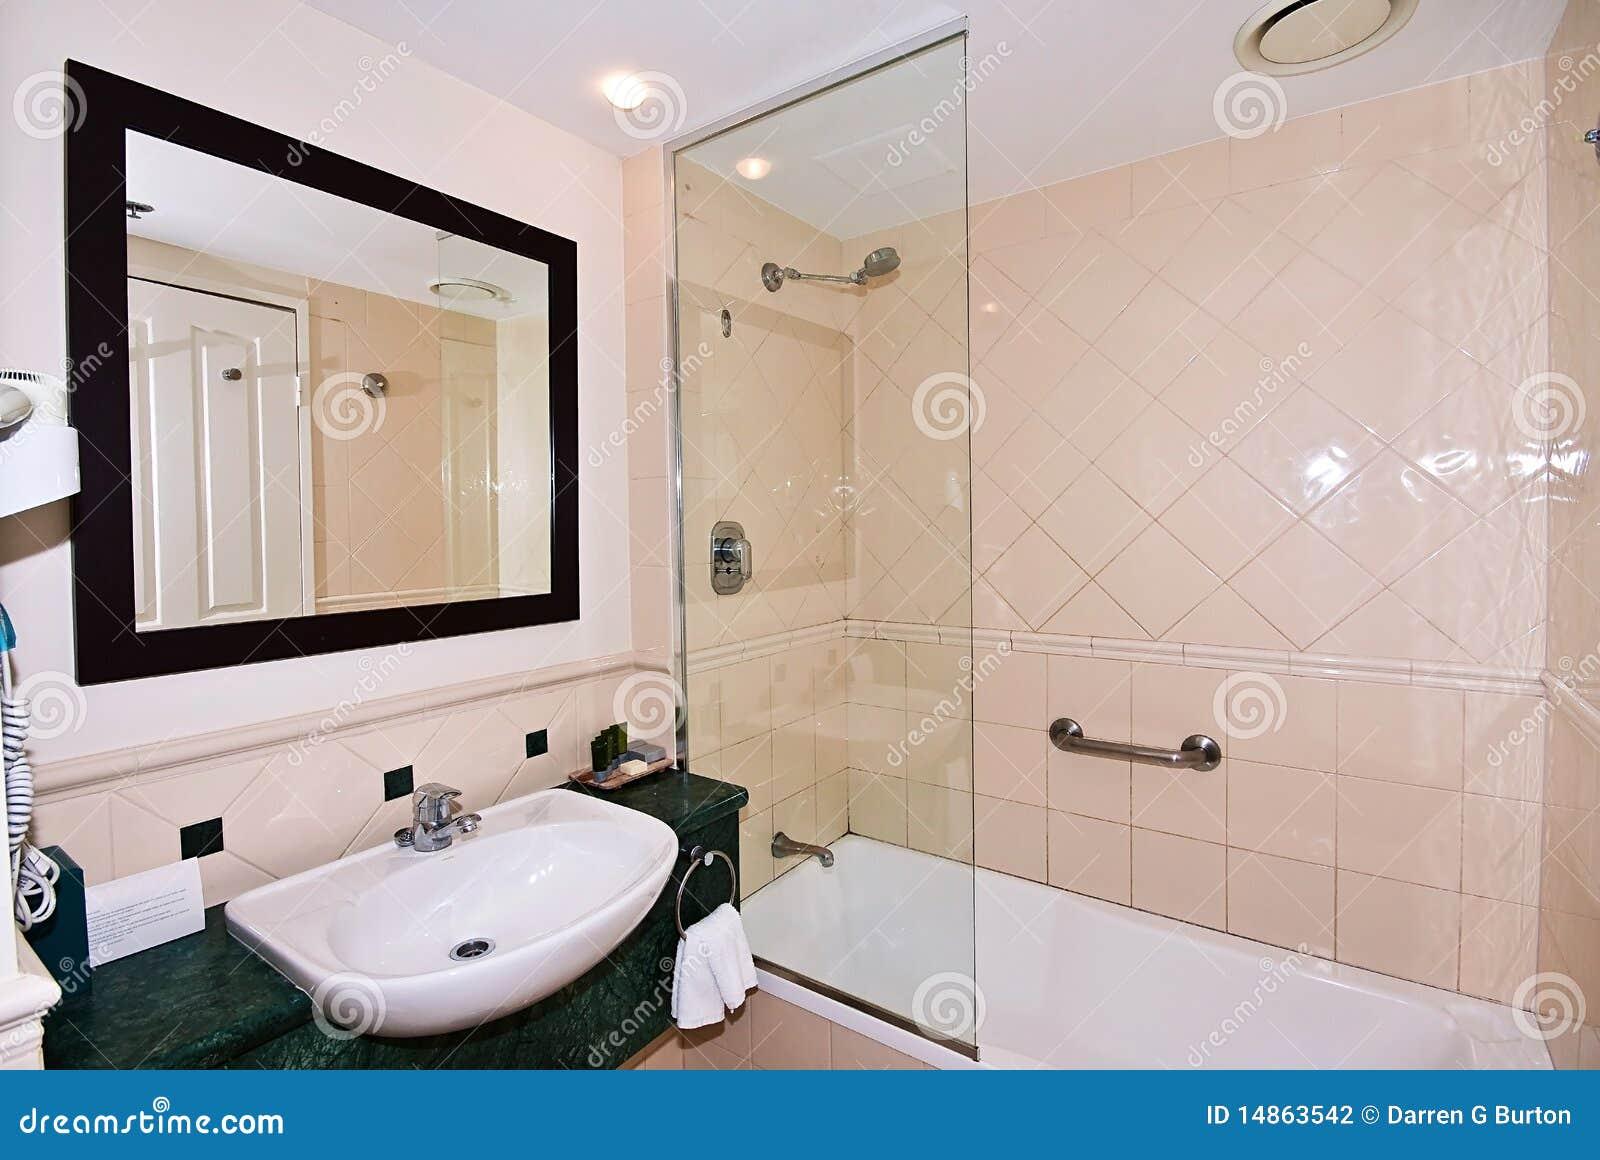 Banheiro Pequeno Fotografia de Stock Imagem: 14863542 #82A229 1300x960 Banheiro Com Banheira Pequeno